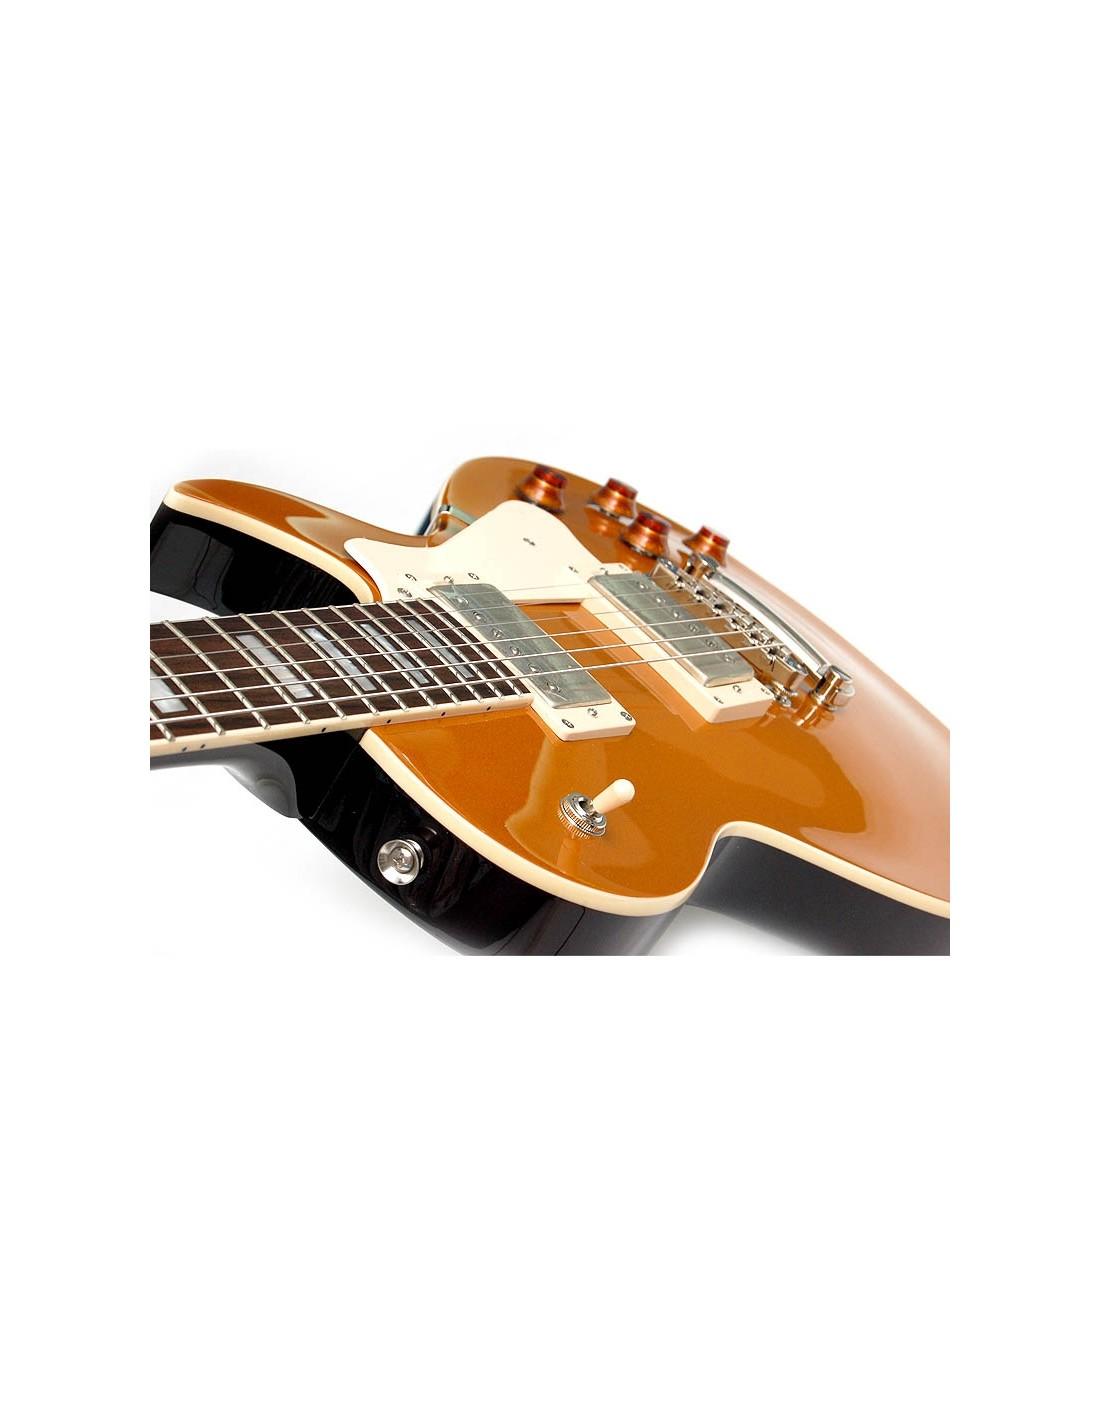 guitarra electrica guitarra cort: